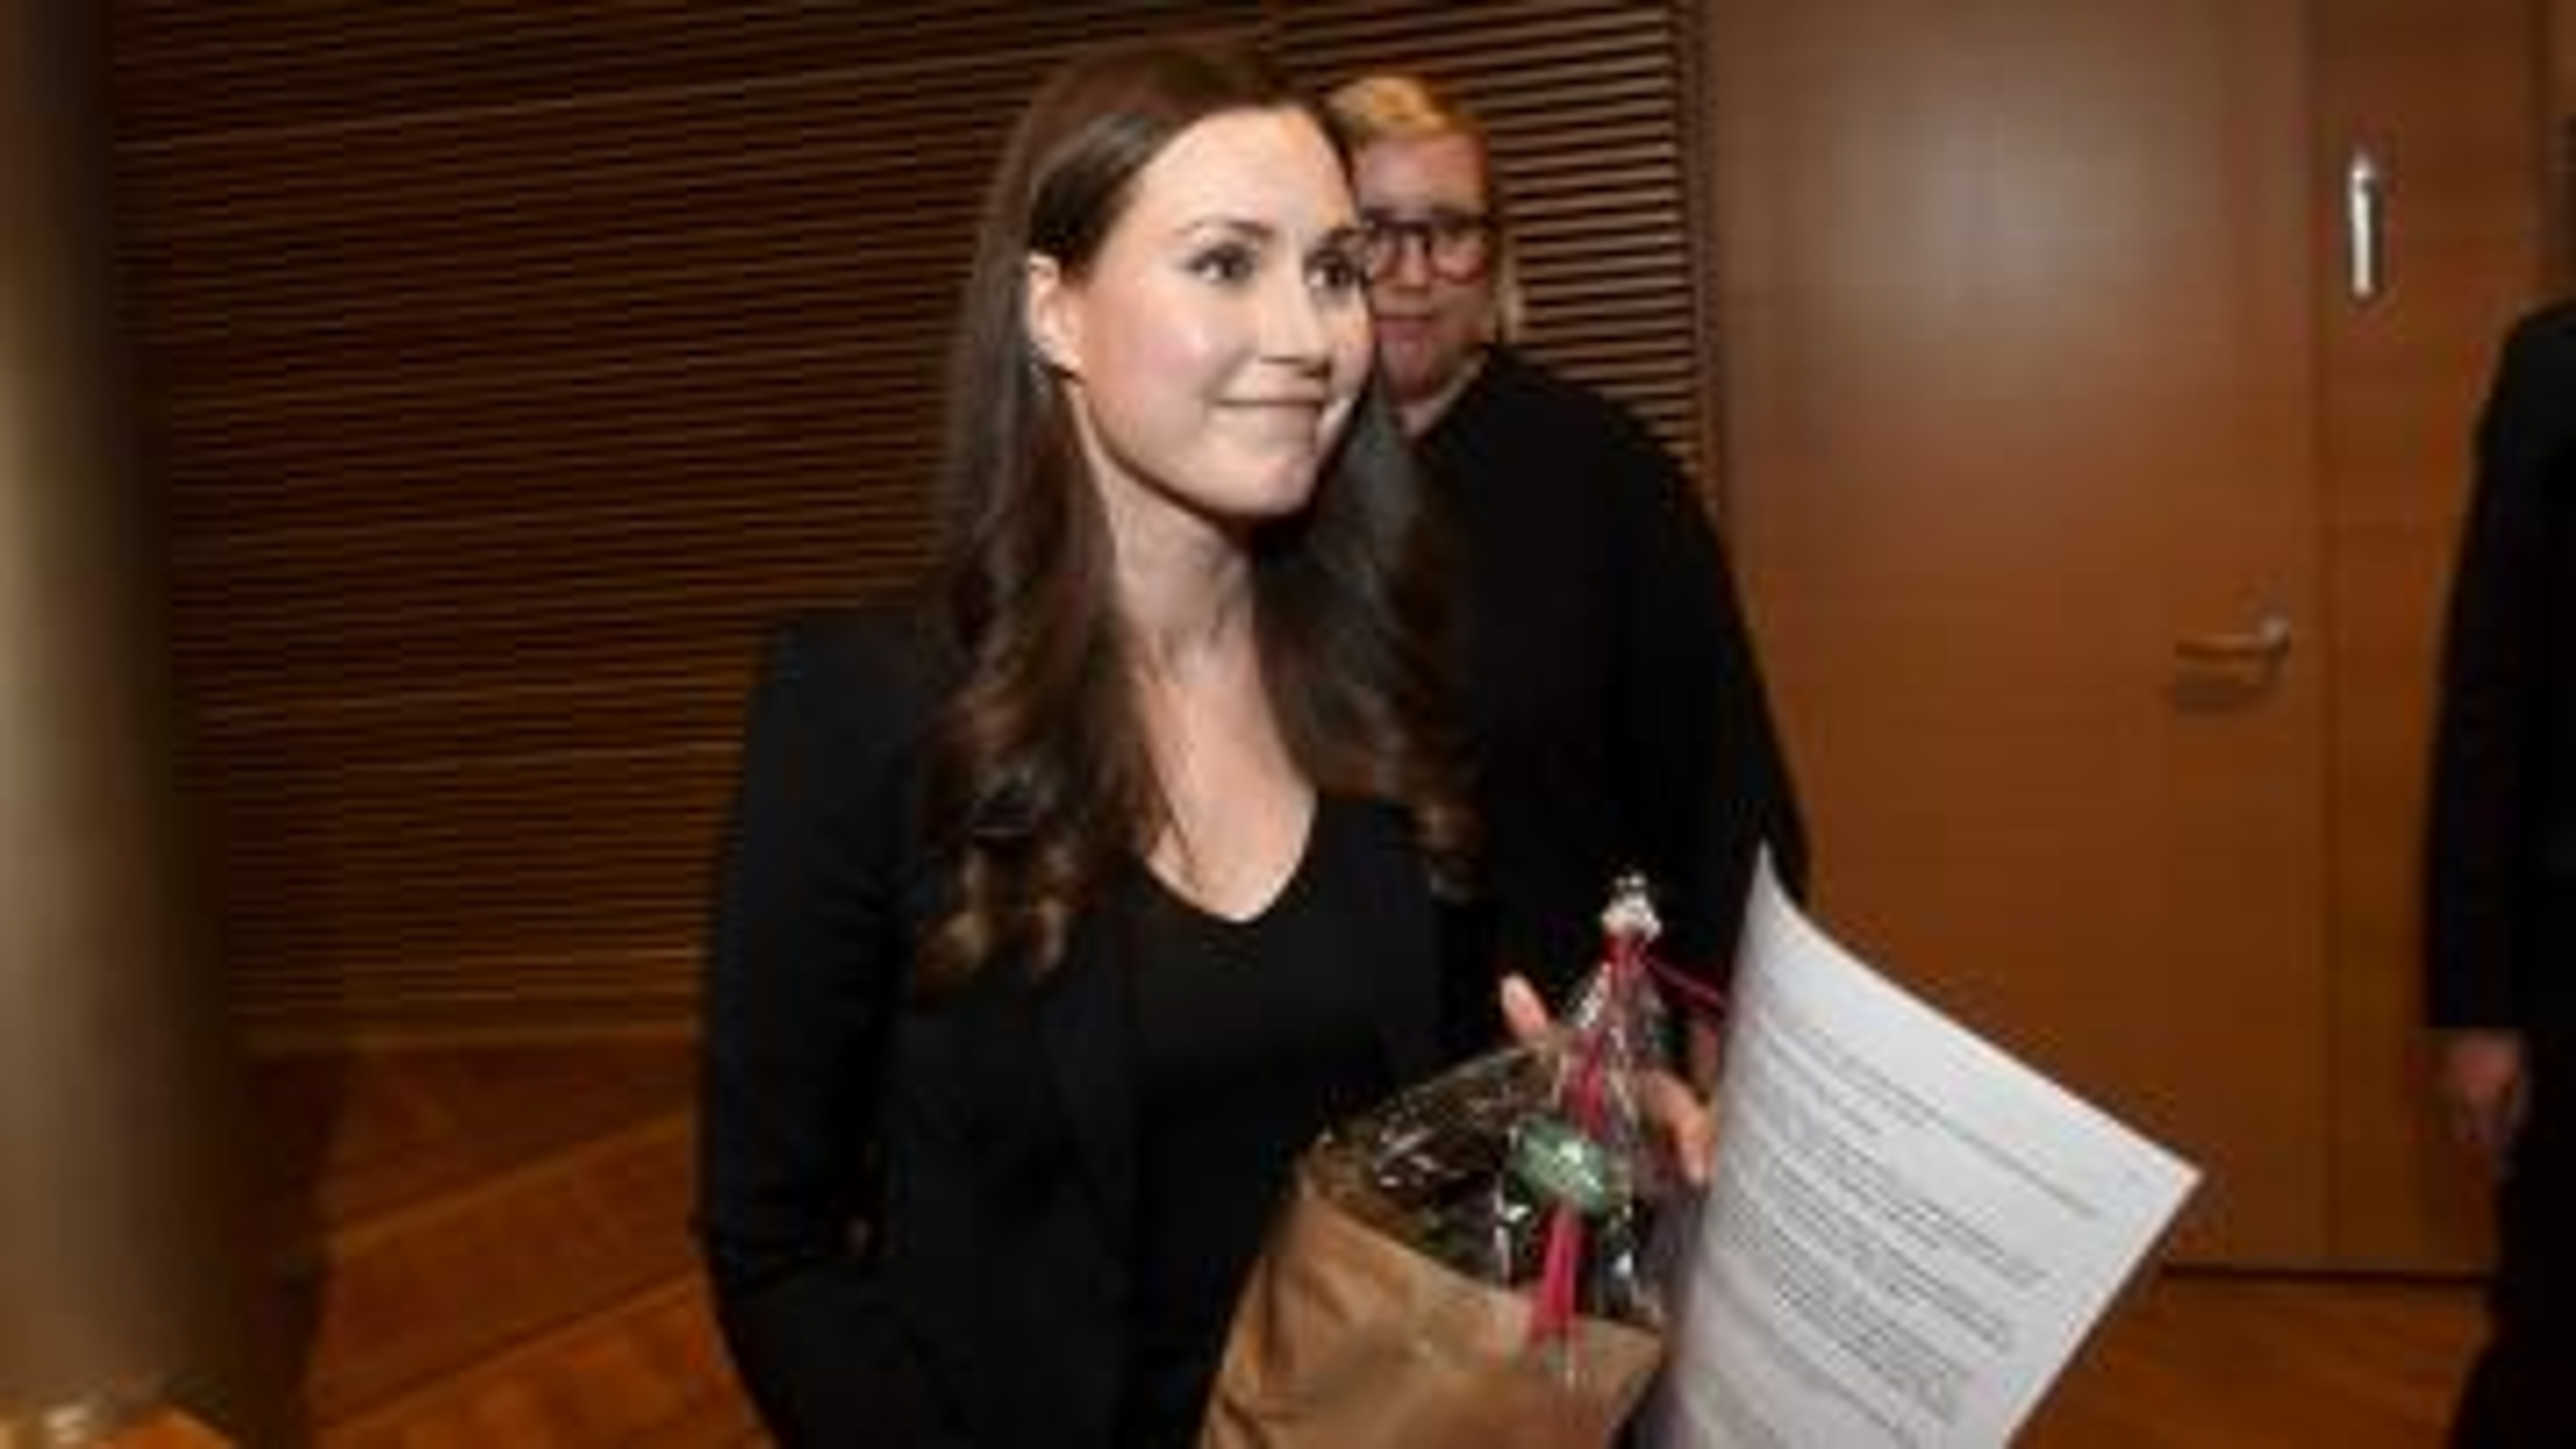 Sanna Marin, Finland's next PM.